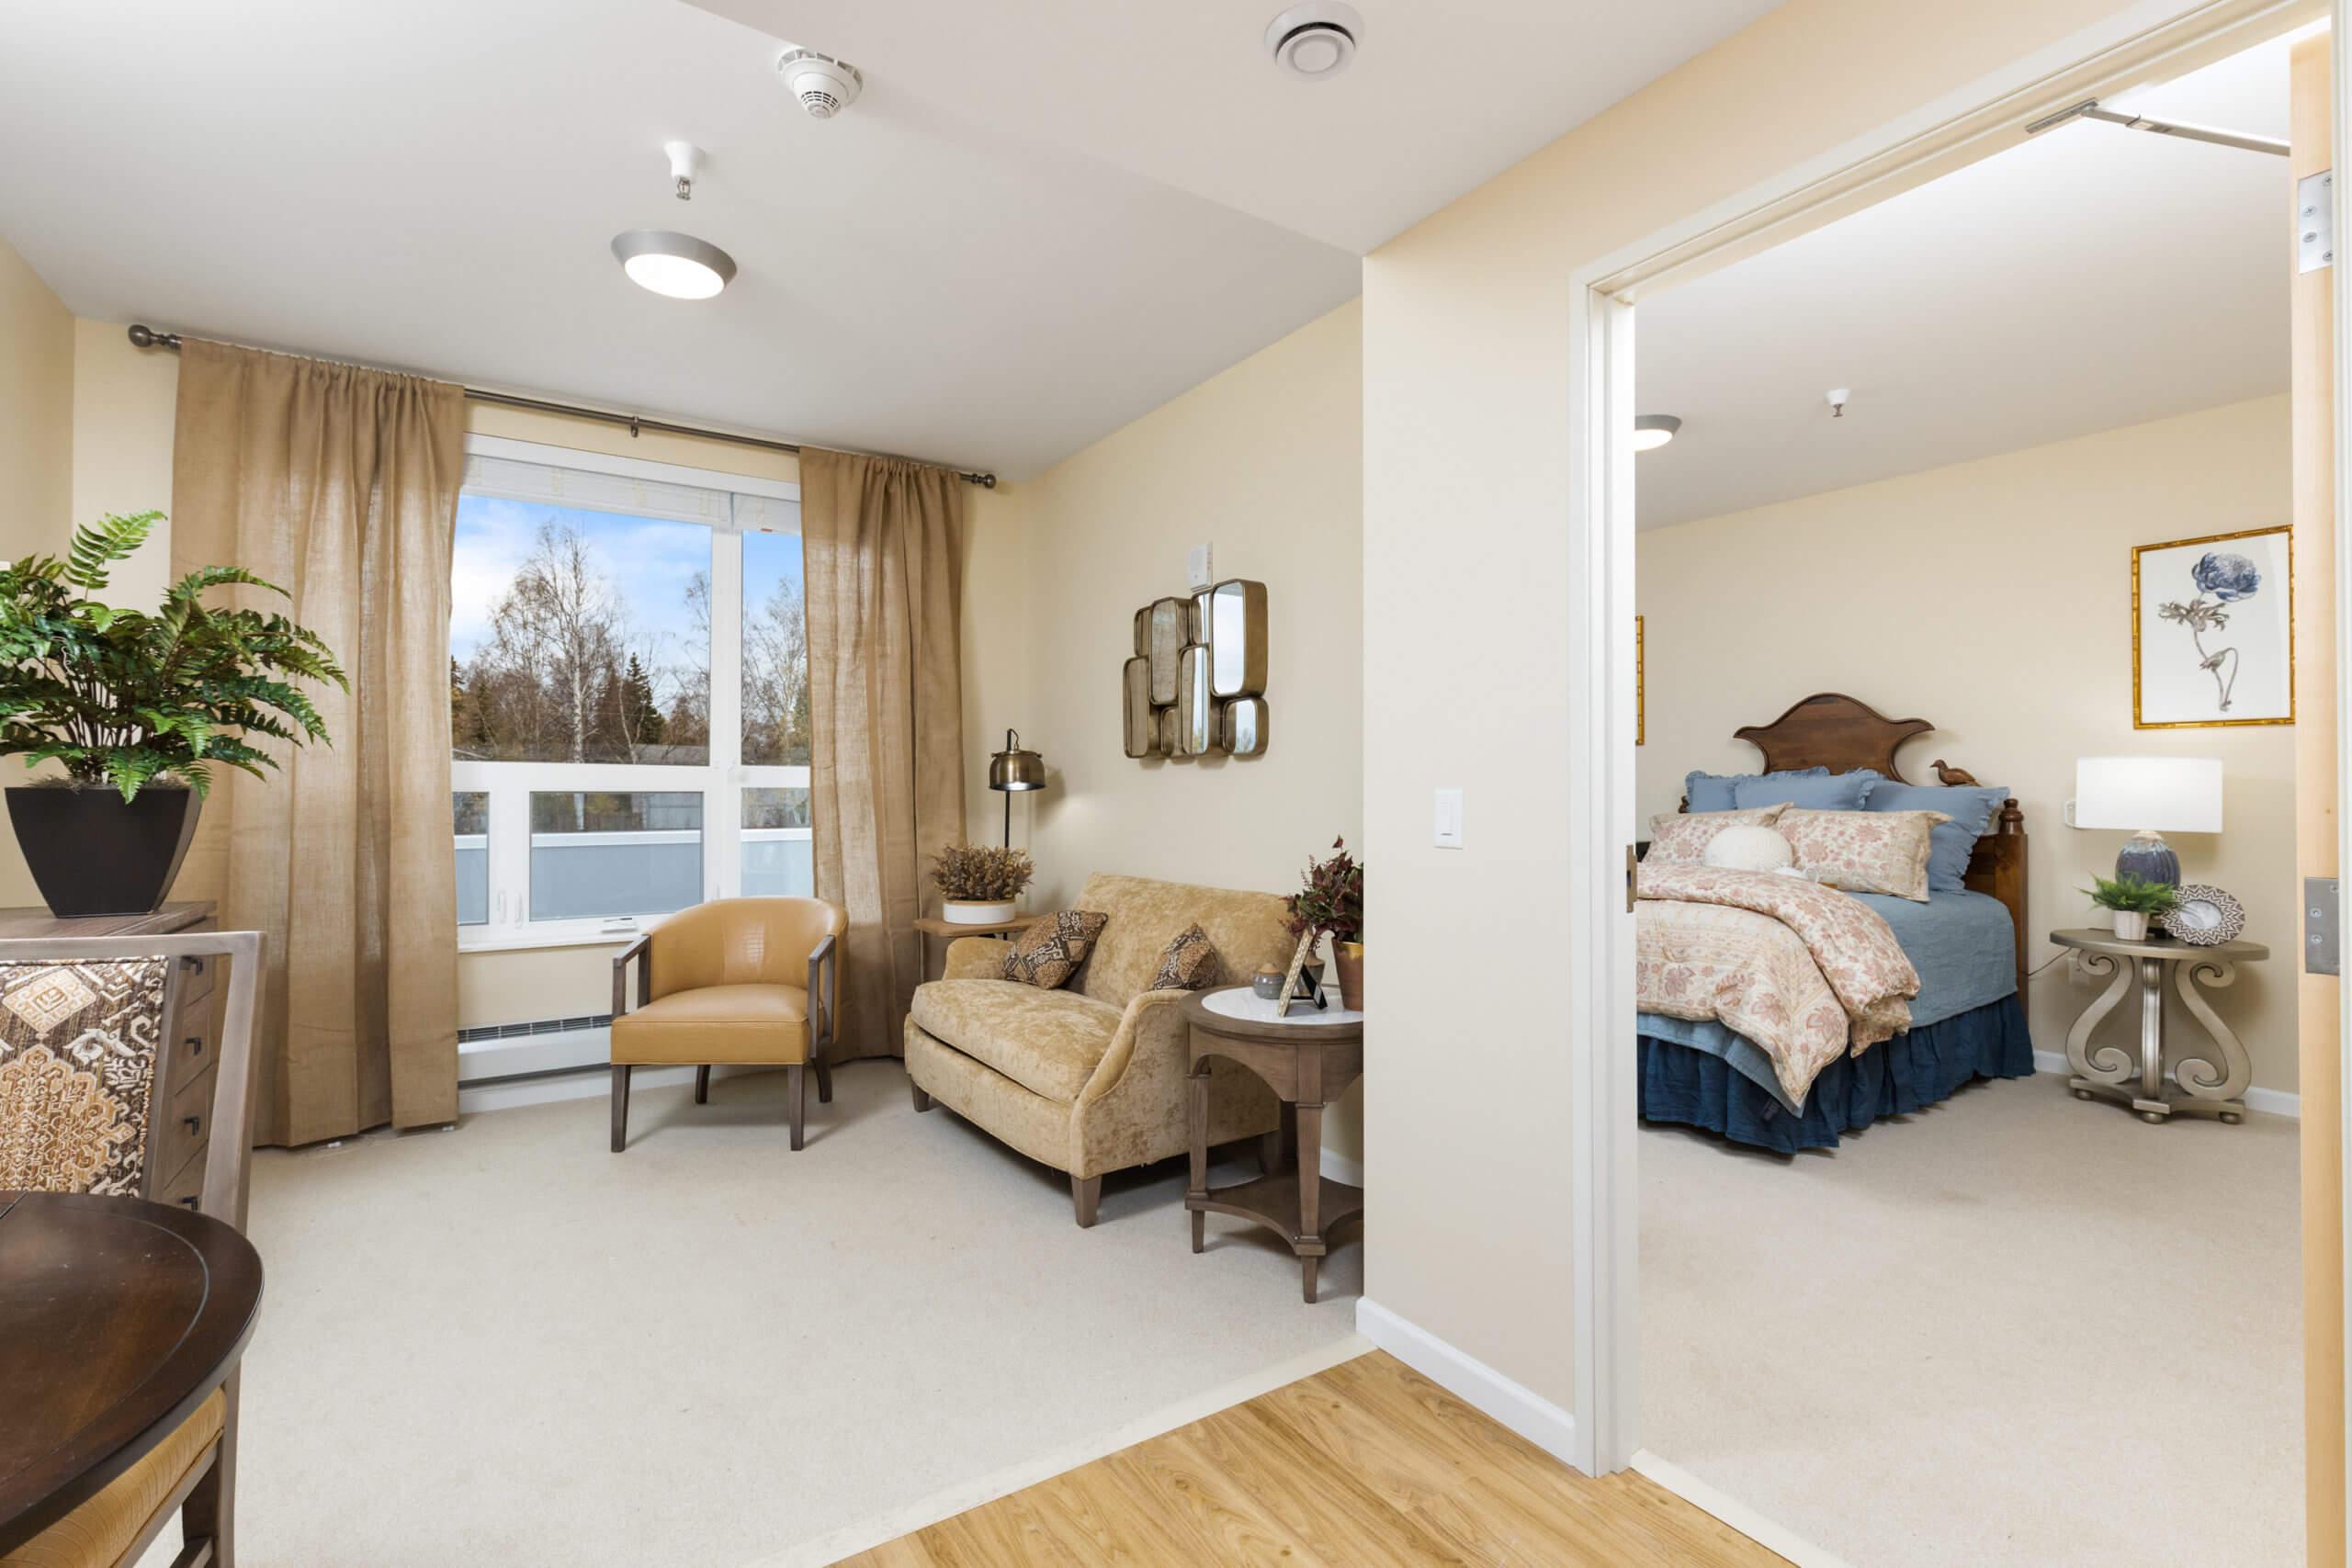 Baxter Senior Living Assisted Living - 1 Bedroom Living Room